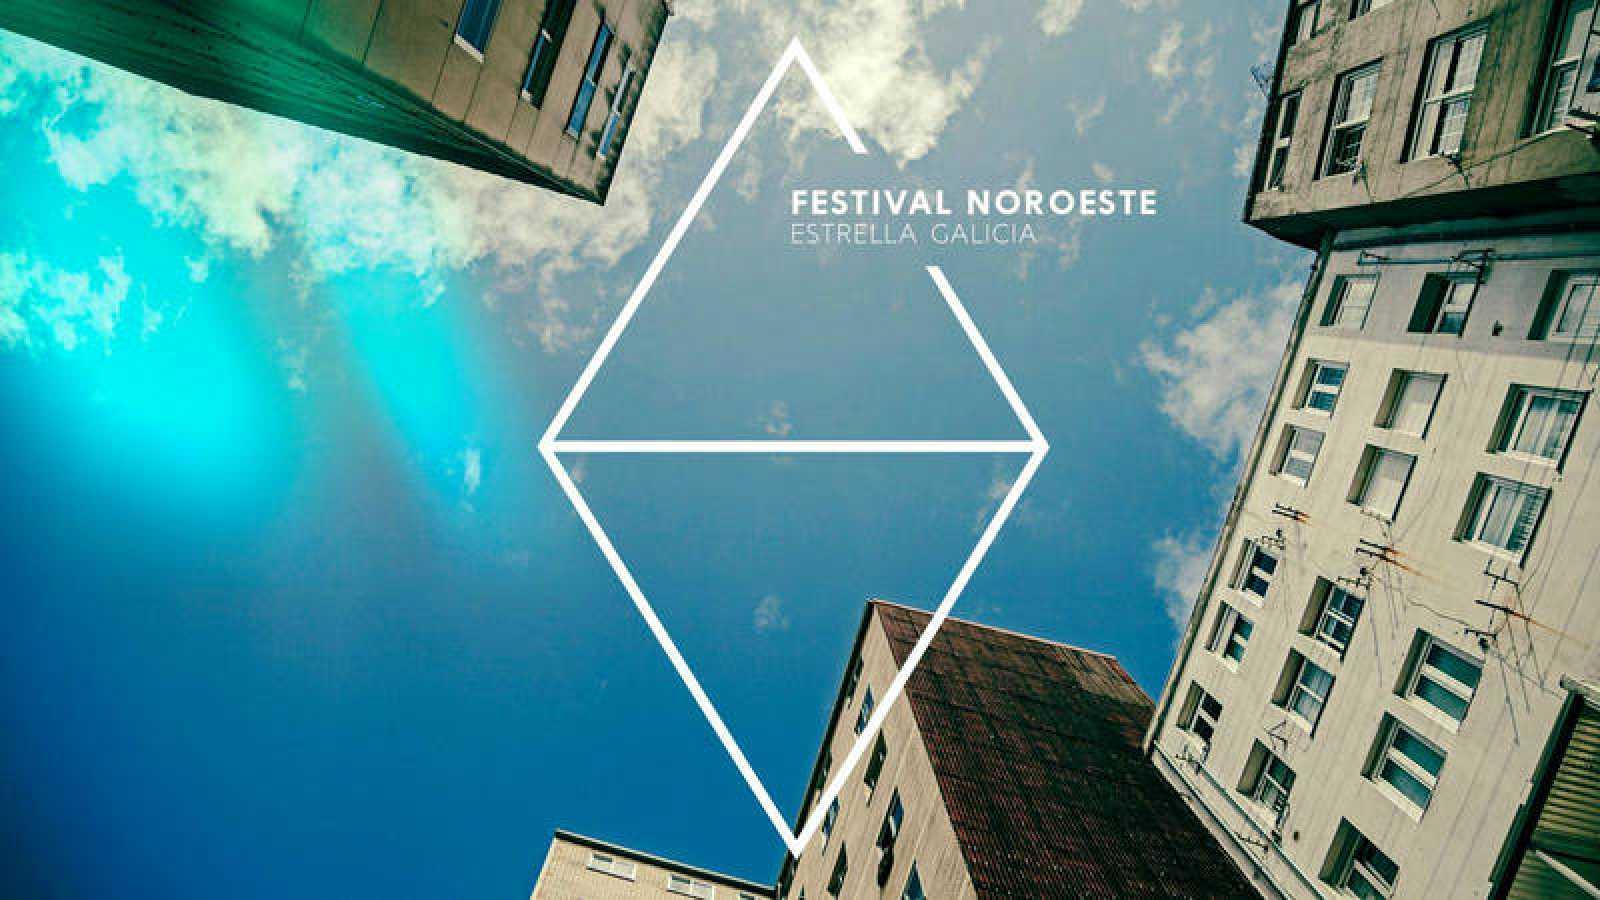 A Coruña se transformará del 8 al 13 de agosto para acoger la 31ª edición del Festival Noroeste